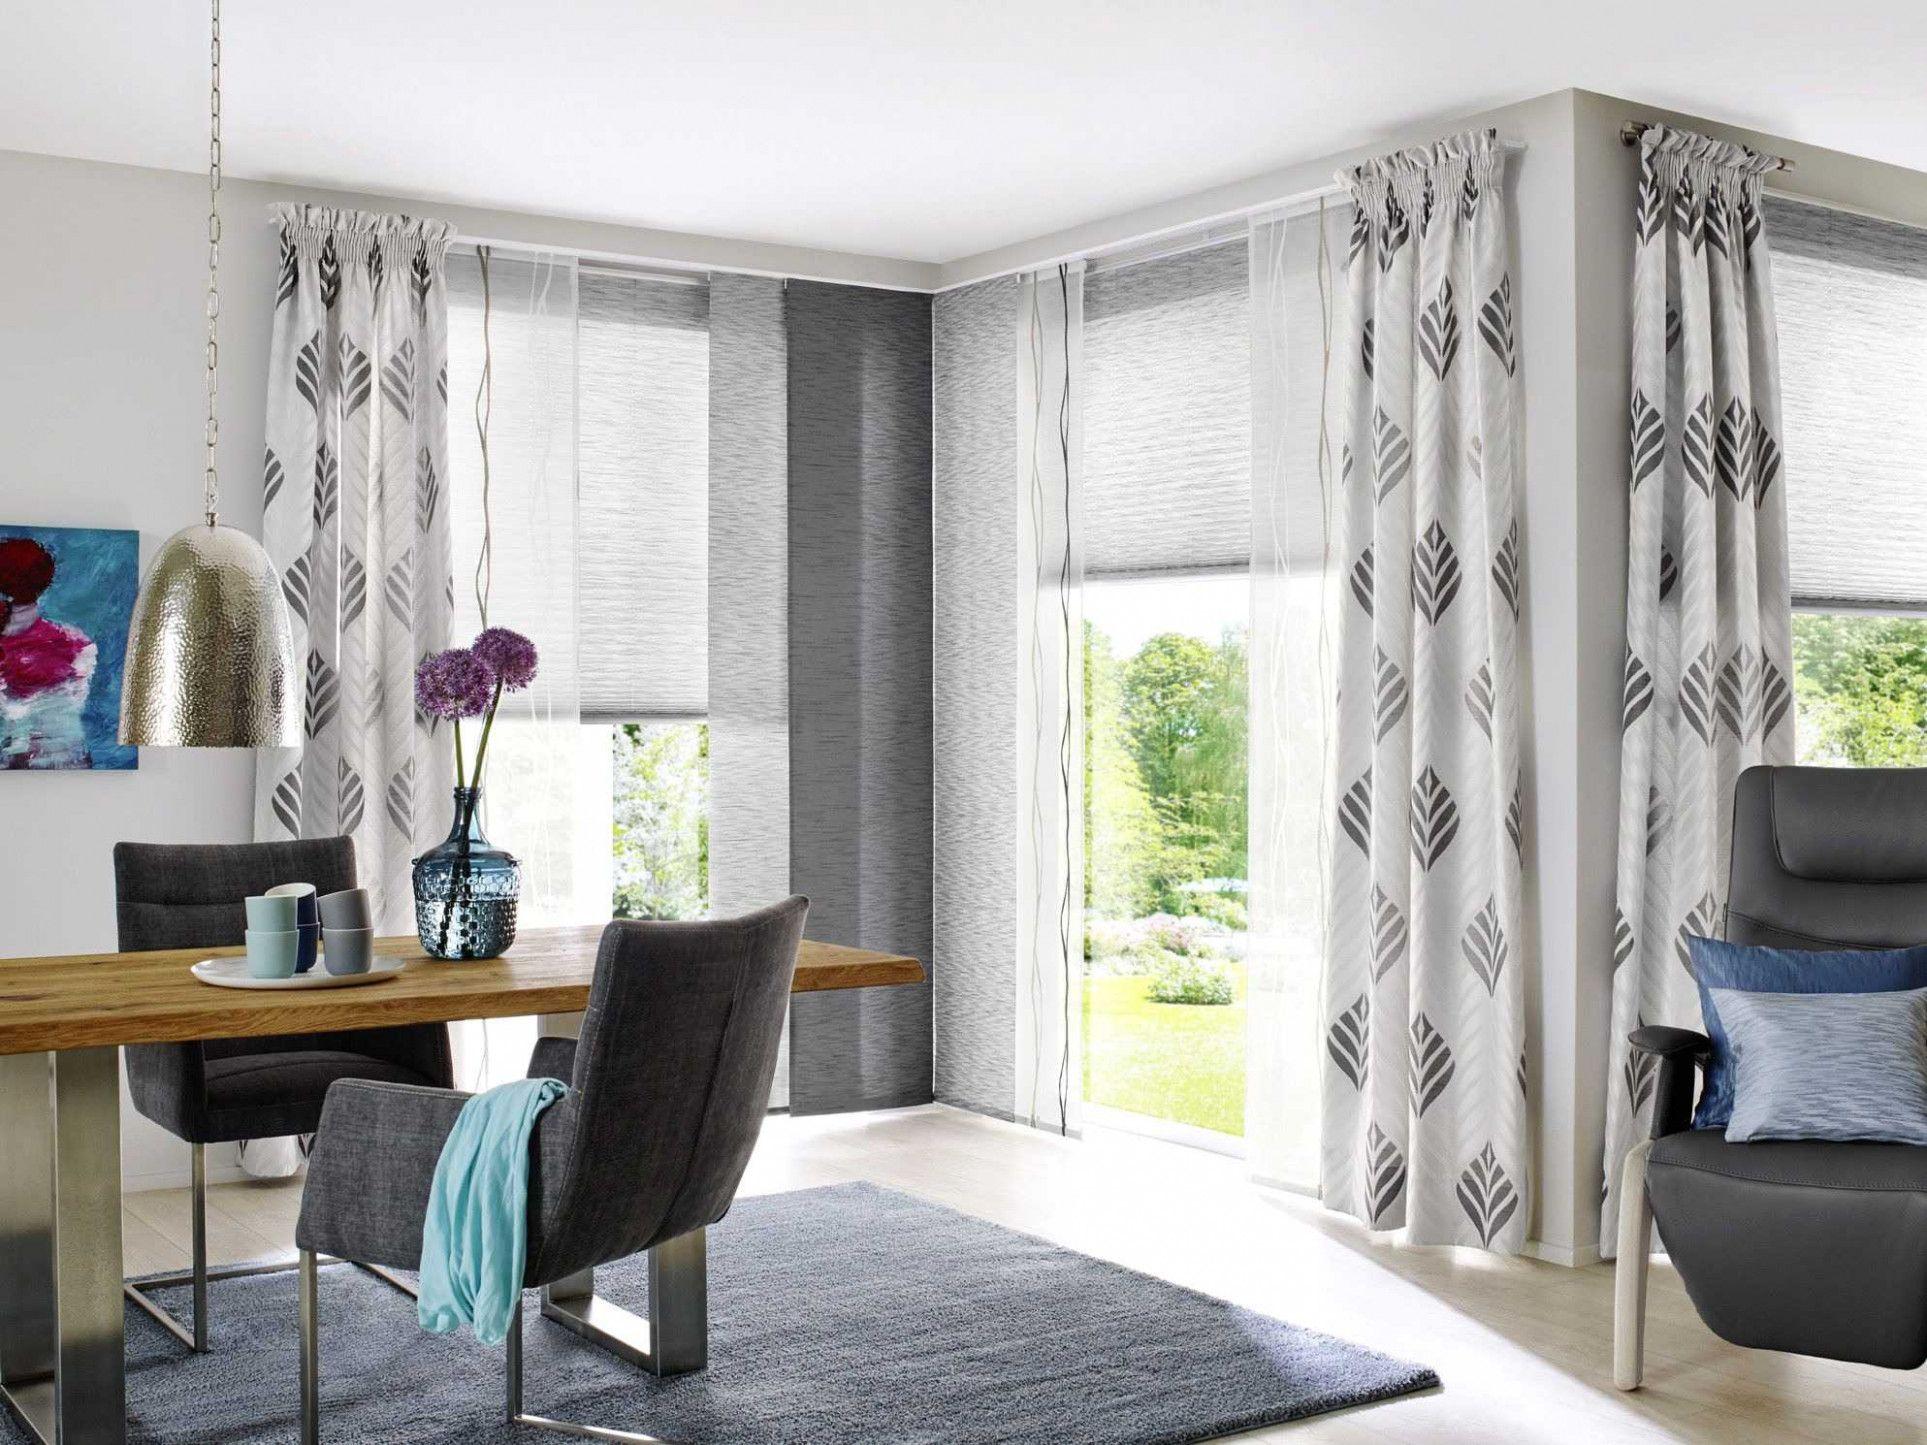 Wohnzimmer Vorhänge Modern  Gardinen wohnzimmer modern, Gardinen